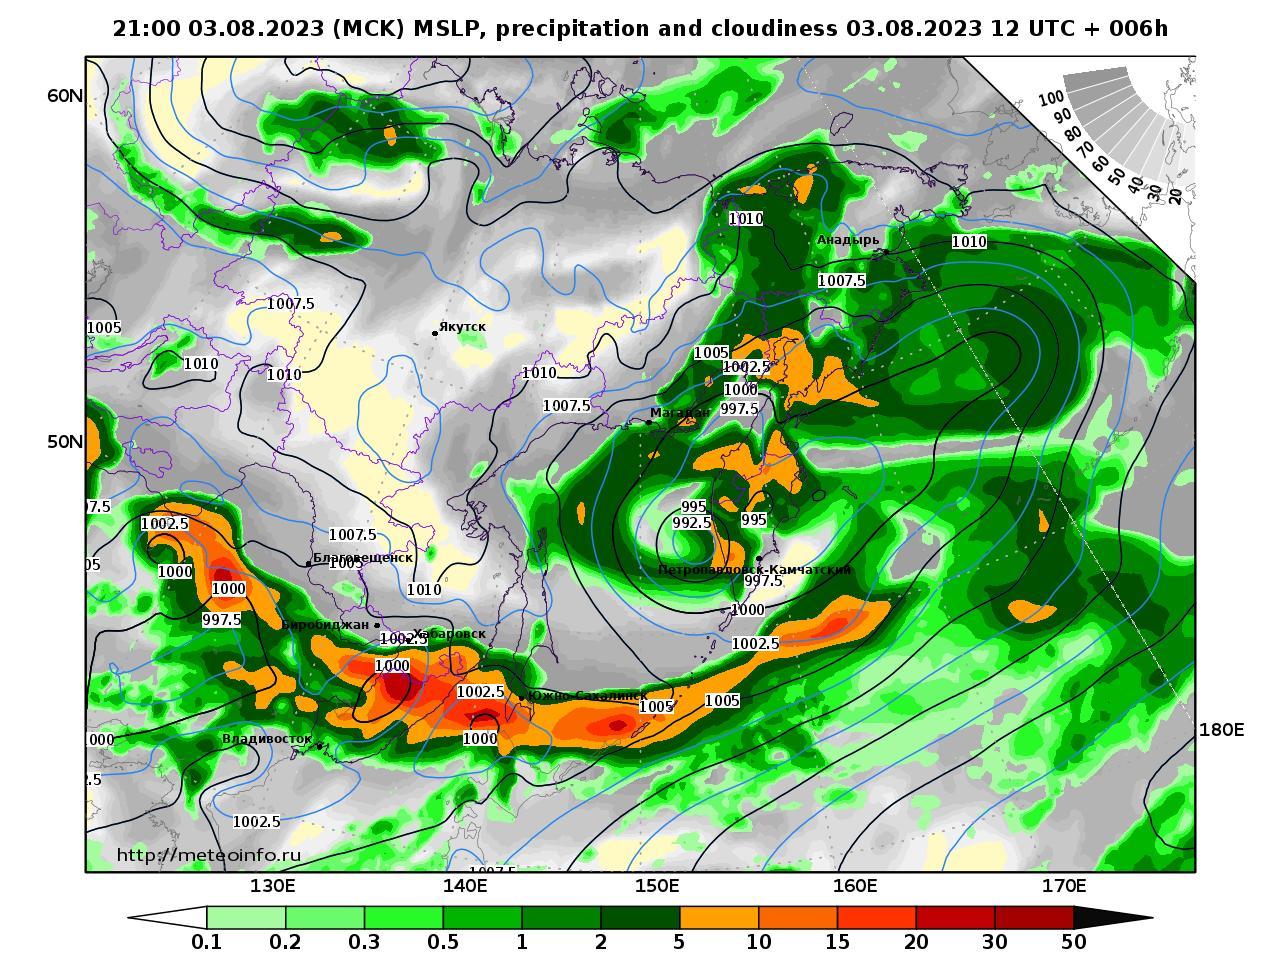 Дальний Восток, прогностическая карта осадки и давление, заблаговременность прогноза 6 часов